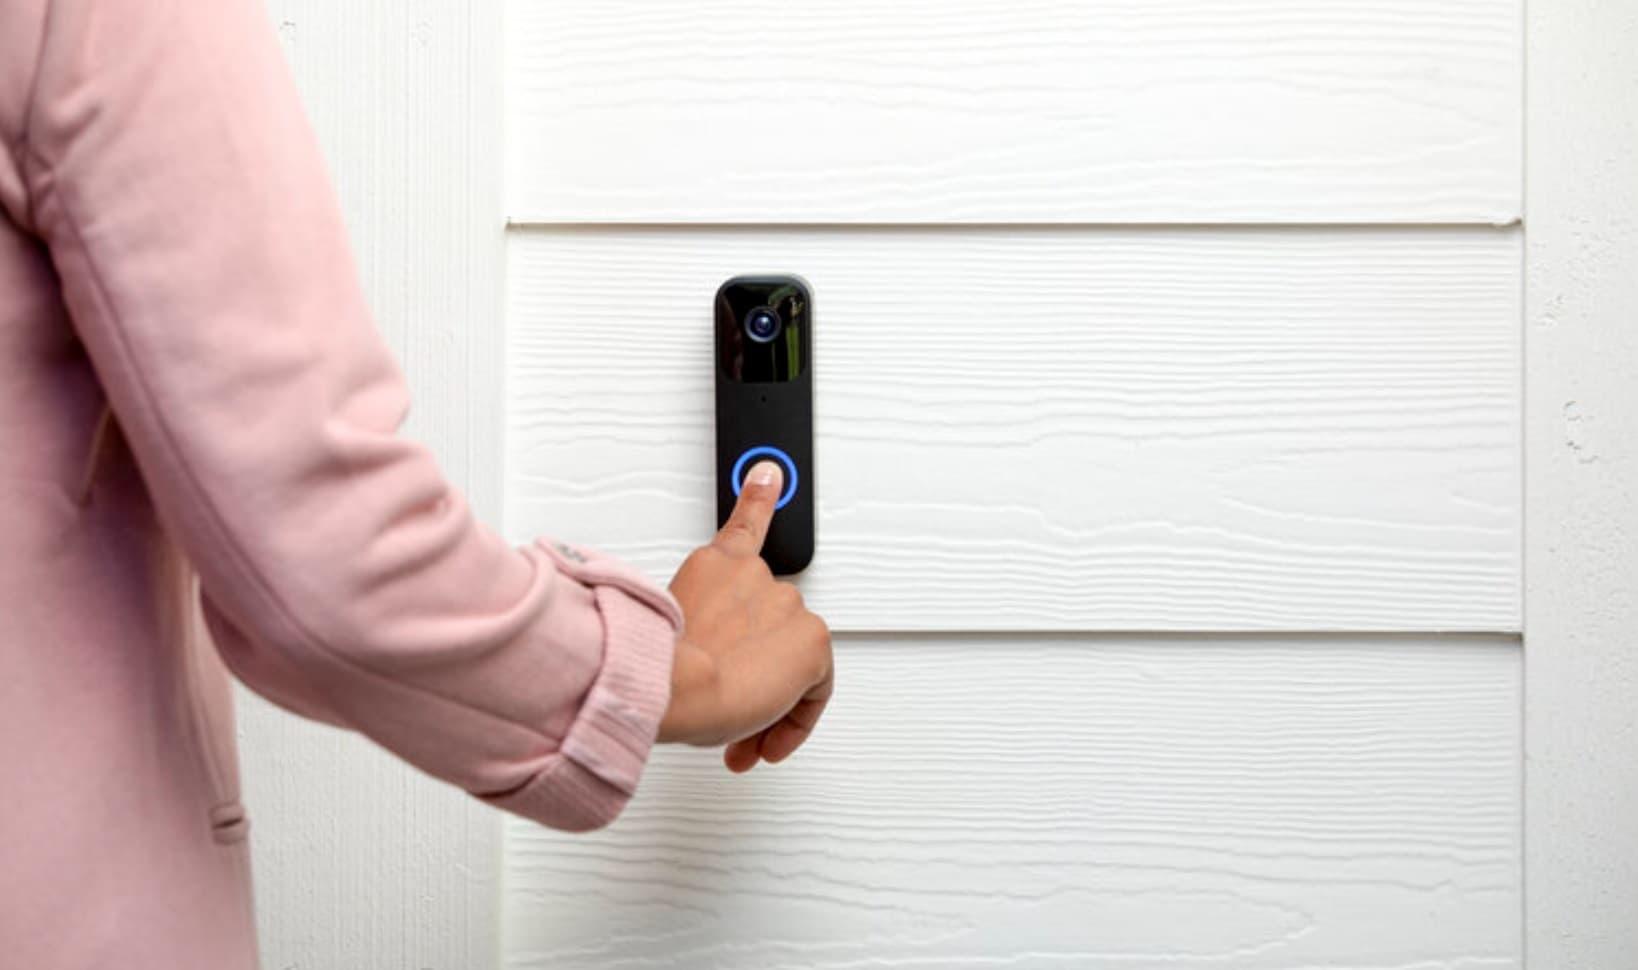 smart video dzwonek do drzwi Blink Video Doorbell